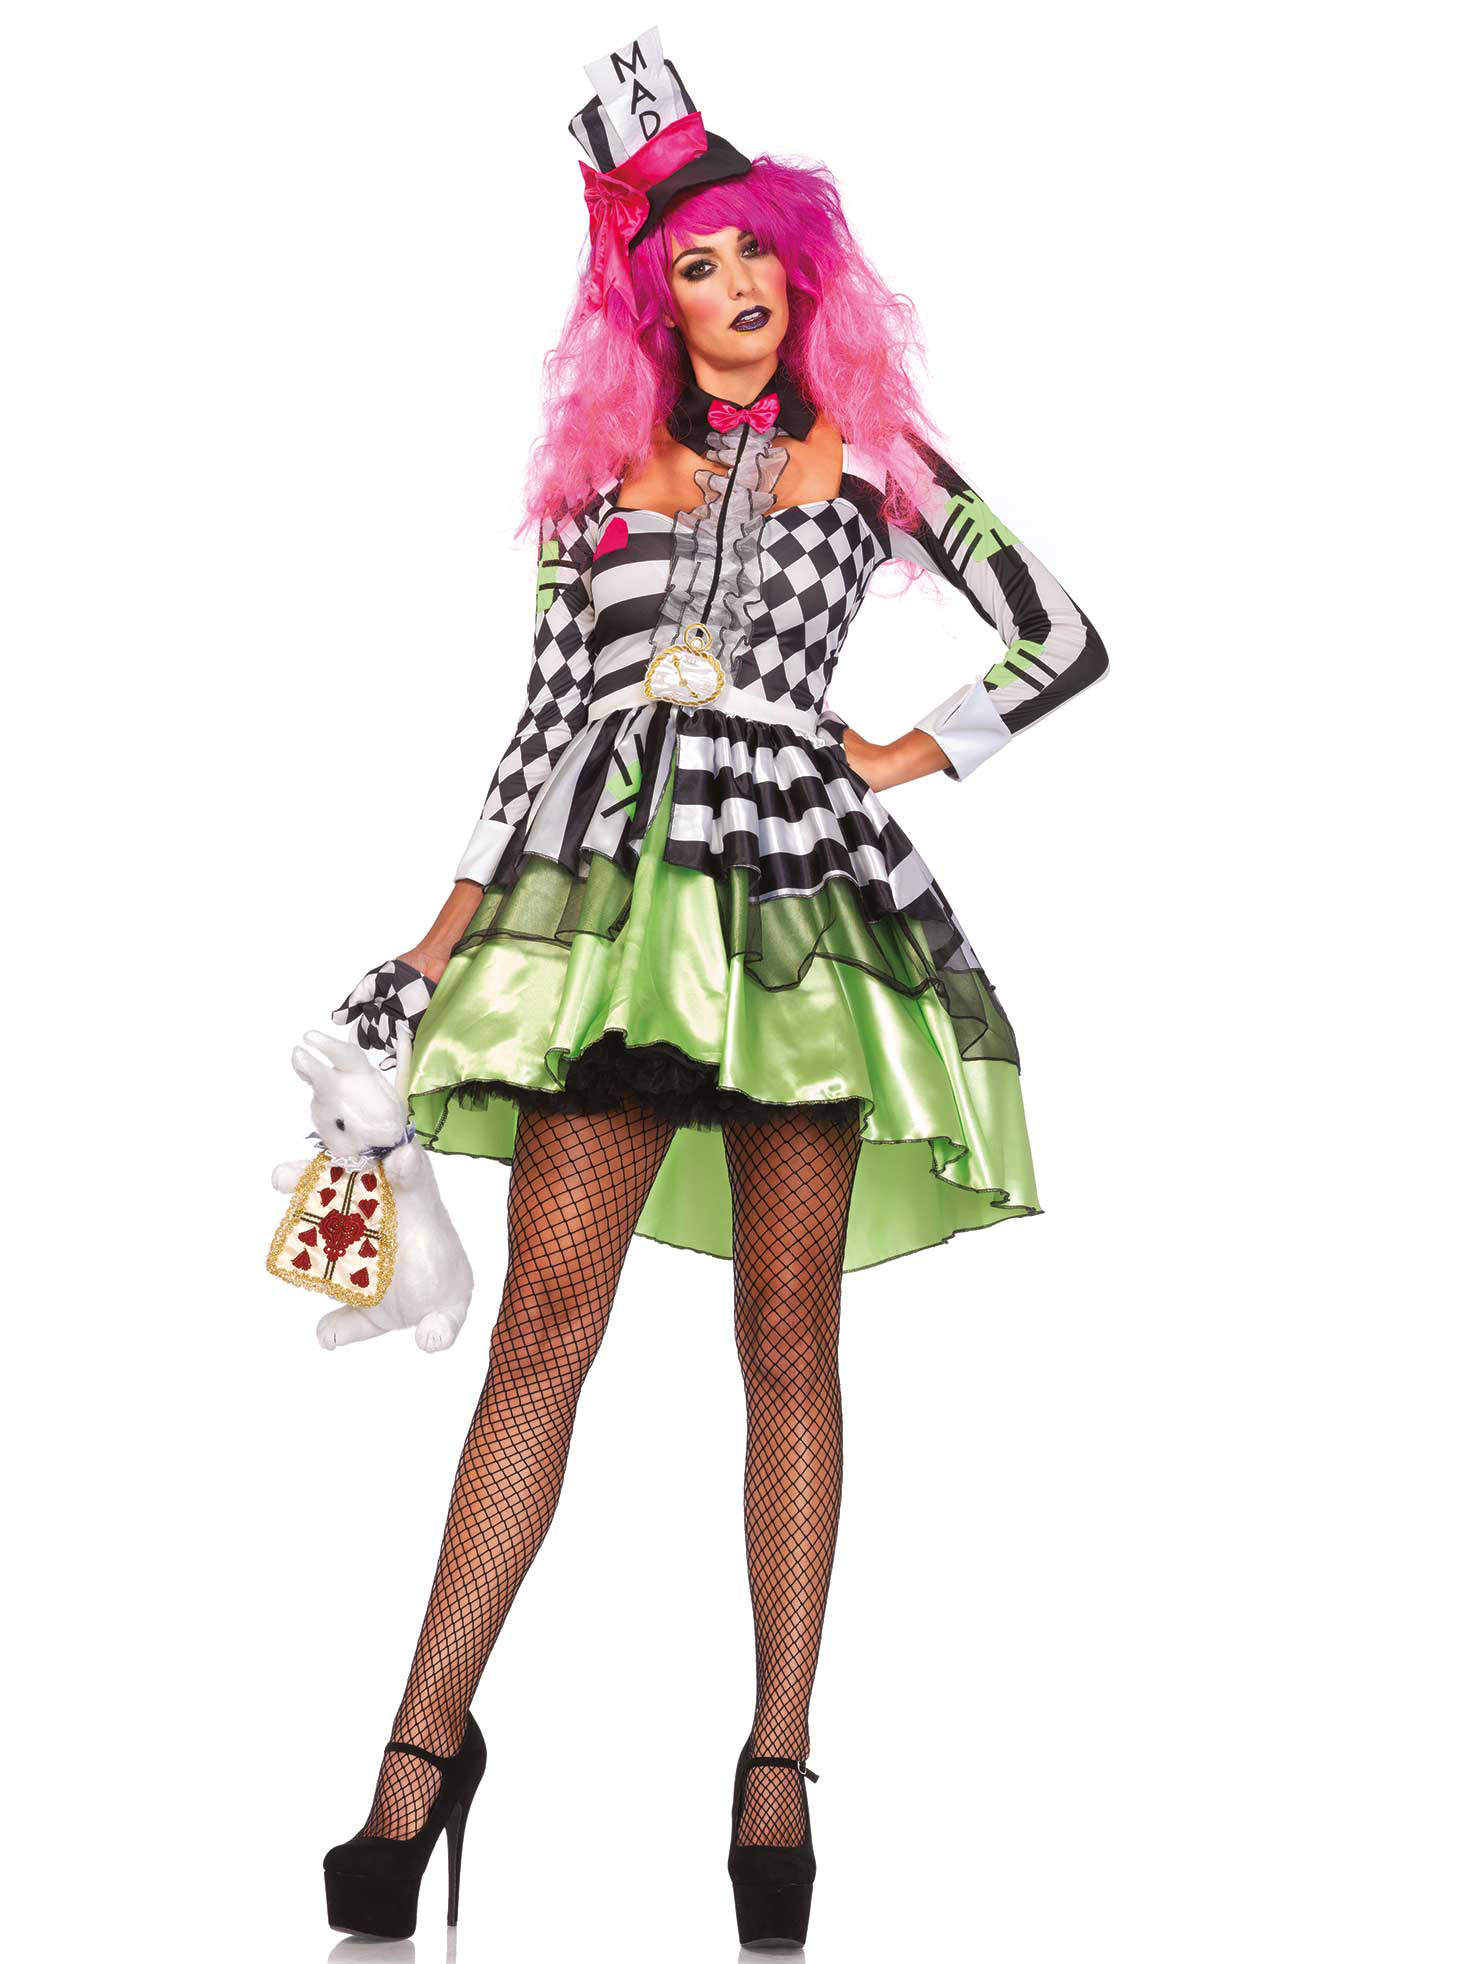 Verruckter Hutmacher Verkleidung Fur Frauen Kostume Fur Erwachsene